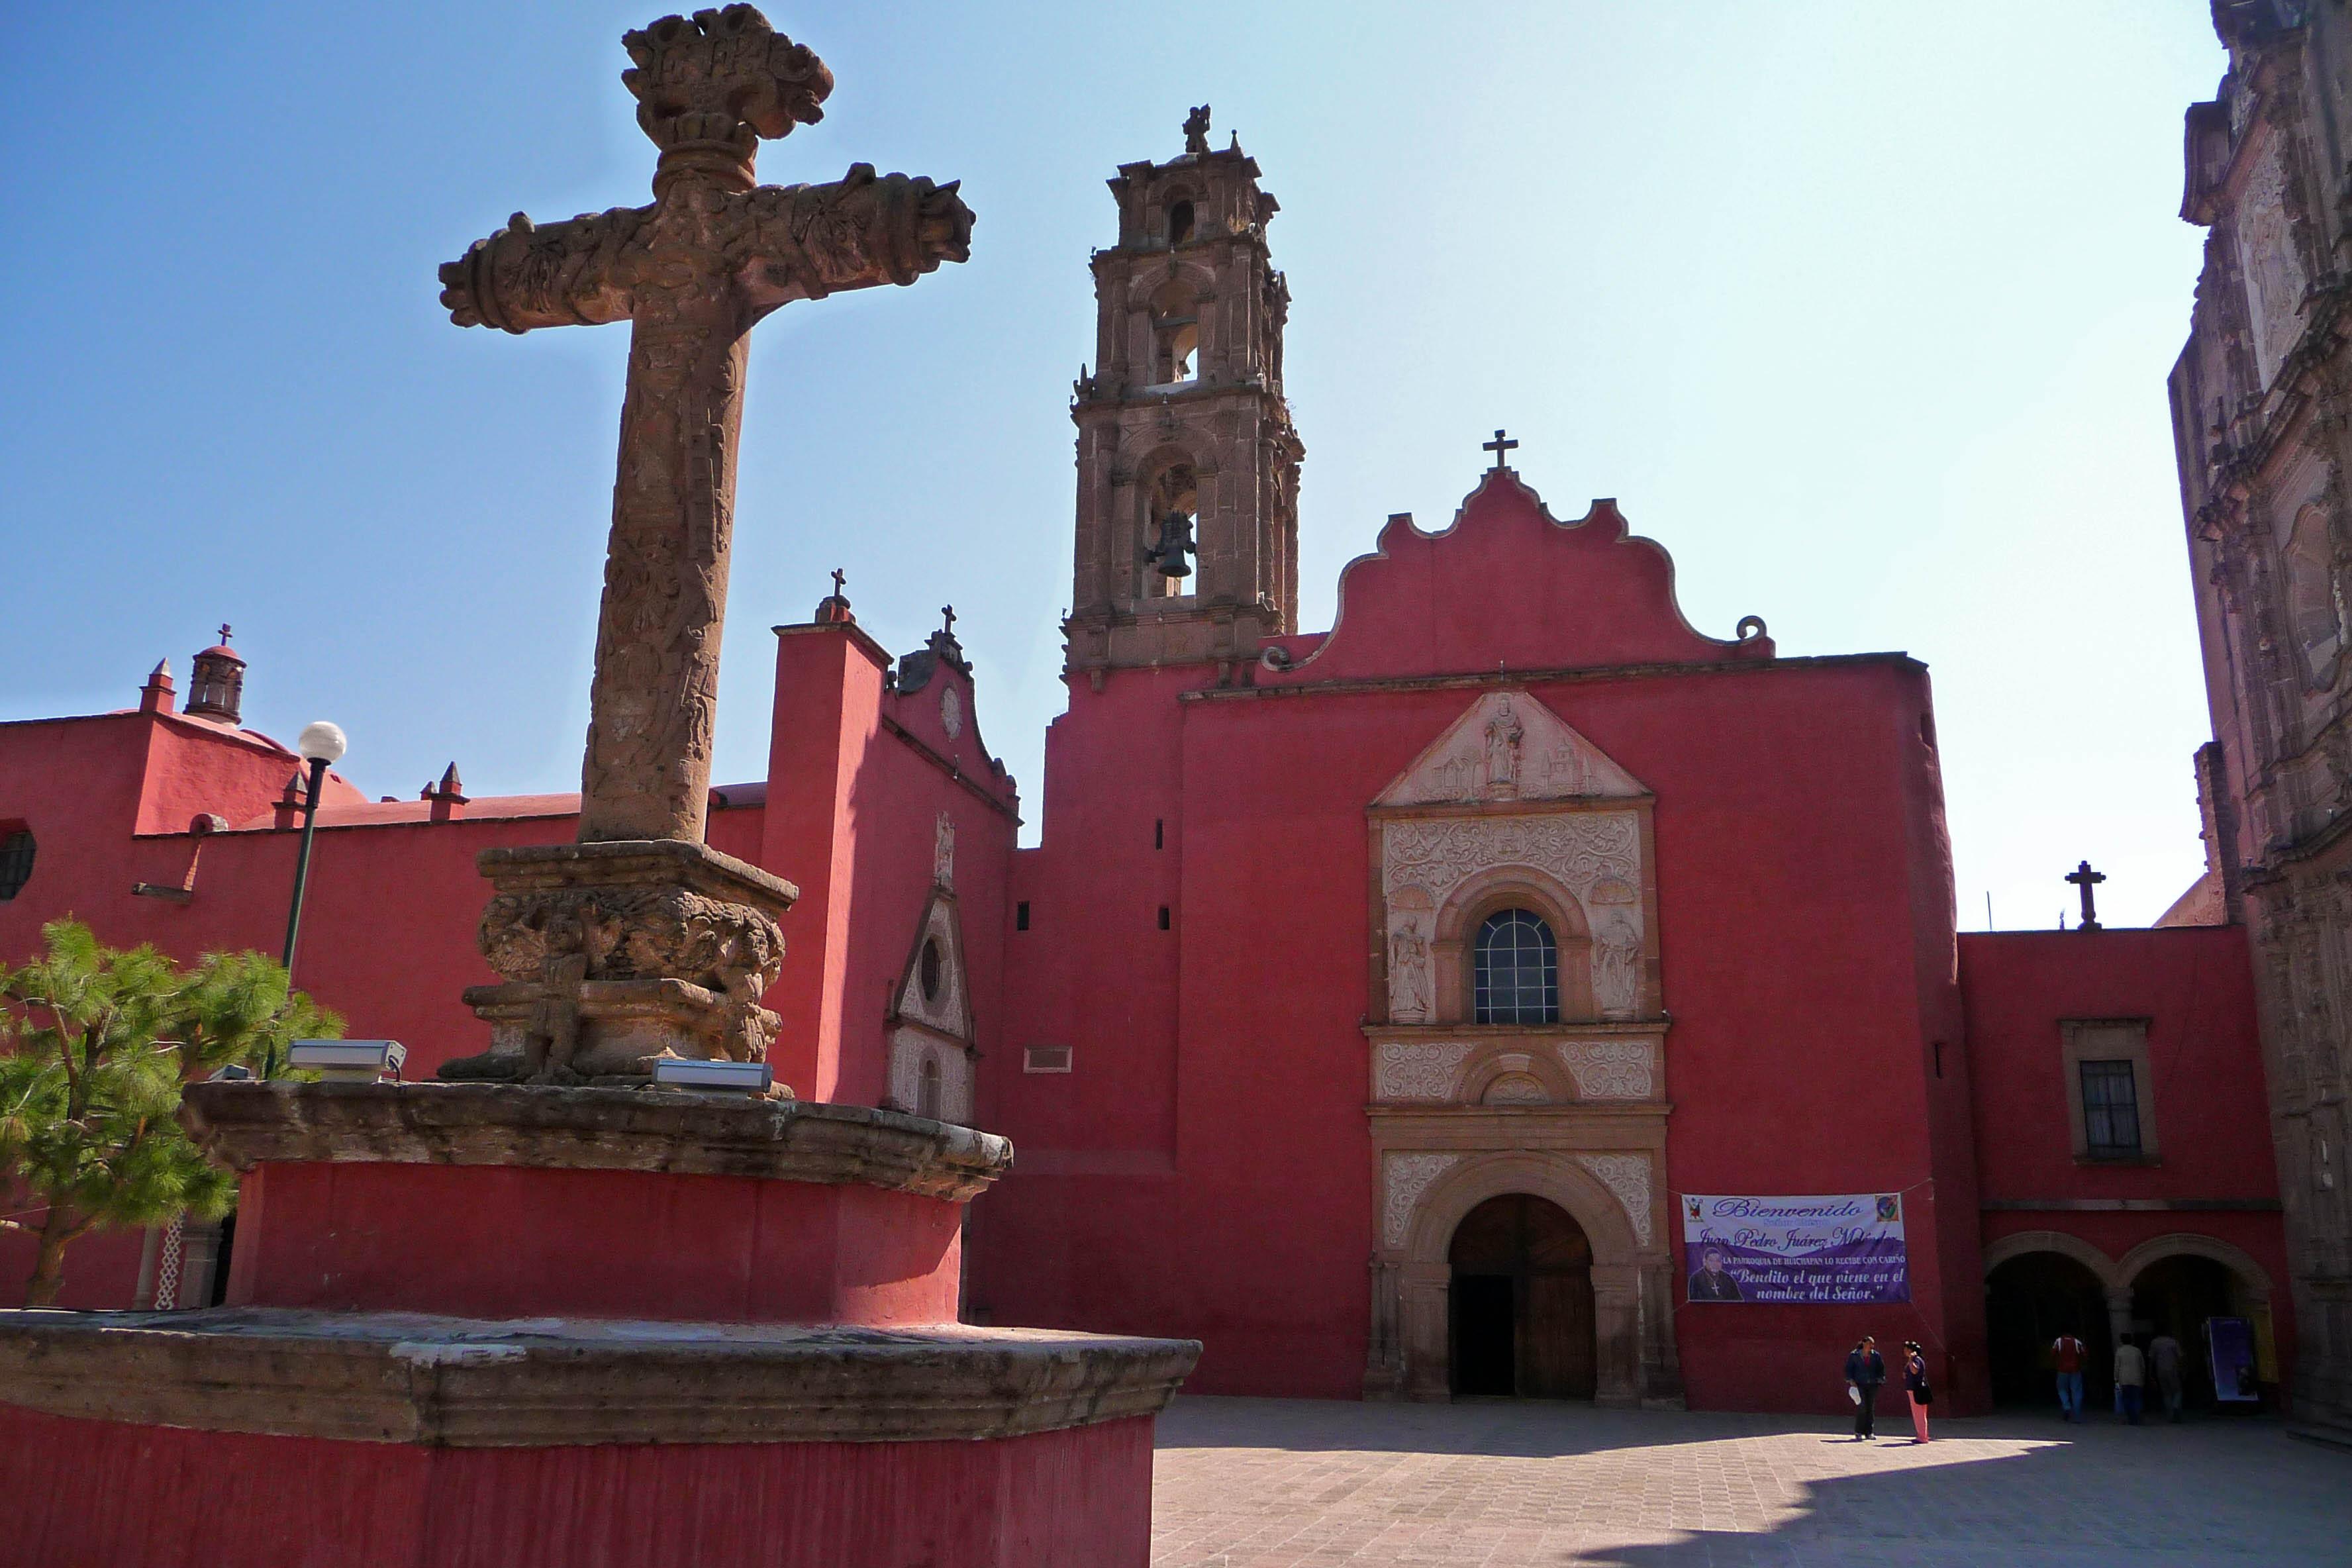 Parroquia de San Mateo Apóstol, Huichapan, de lo más destacado de la arquitectura religiosa de Hidalgo.